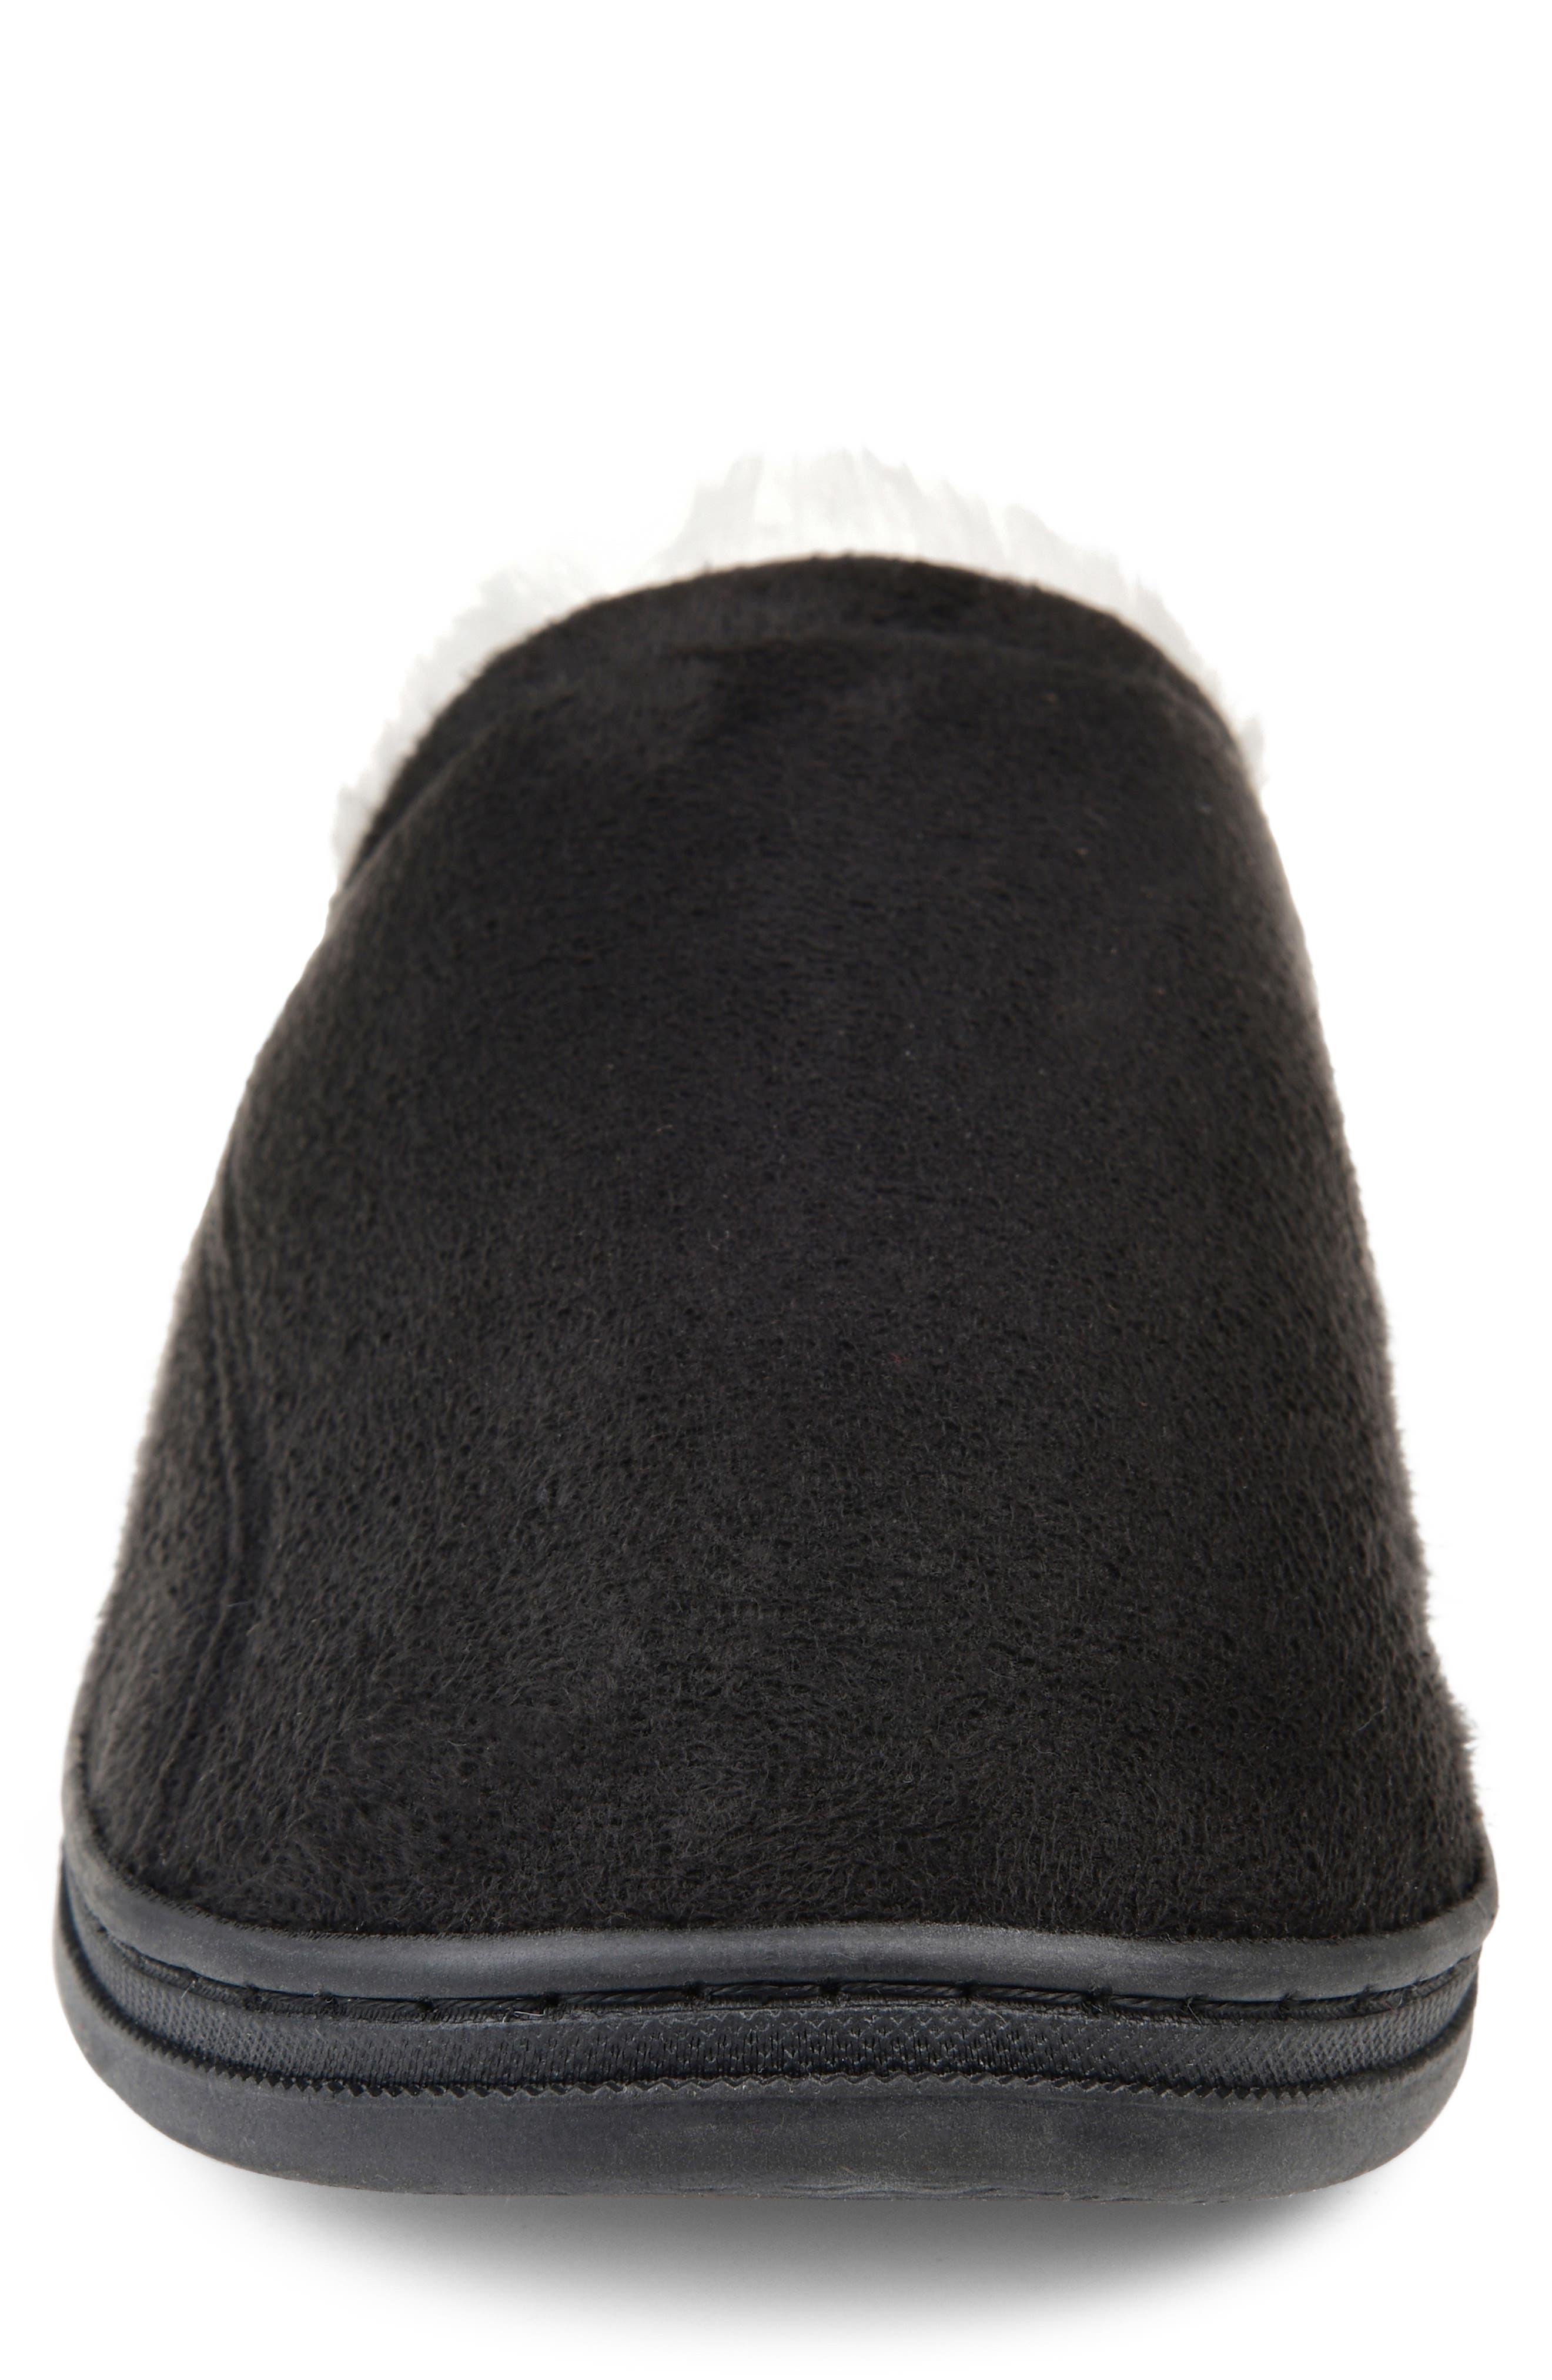 Rodney Faux Fur Slipper,                             Alternate thumbnail 4, color,                             BLACK FAUX SUEDE